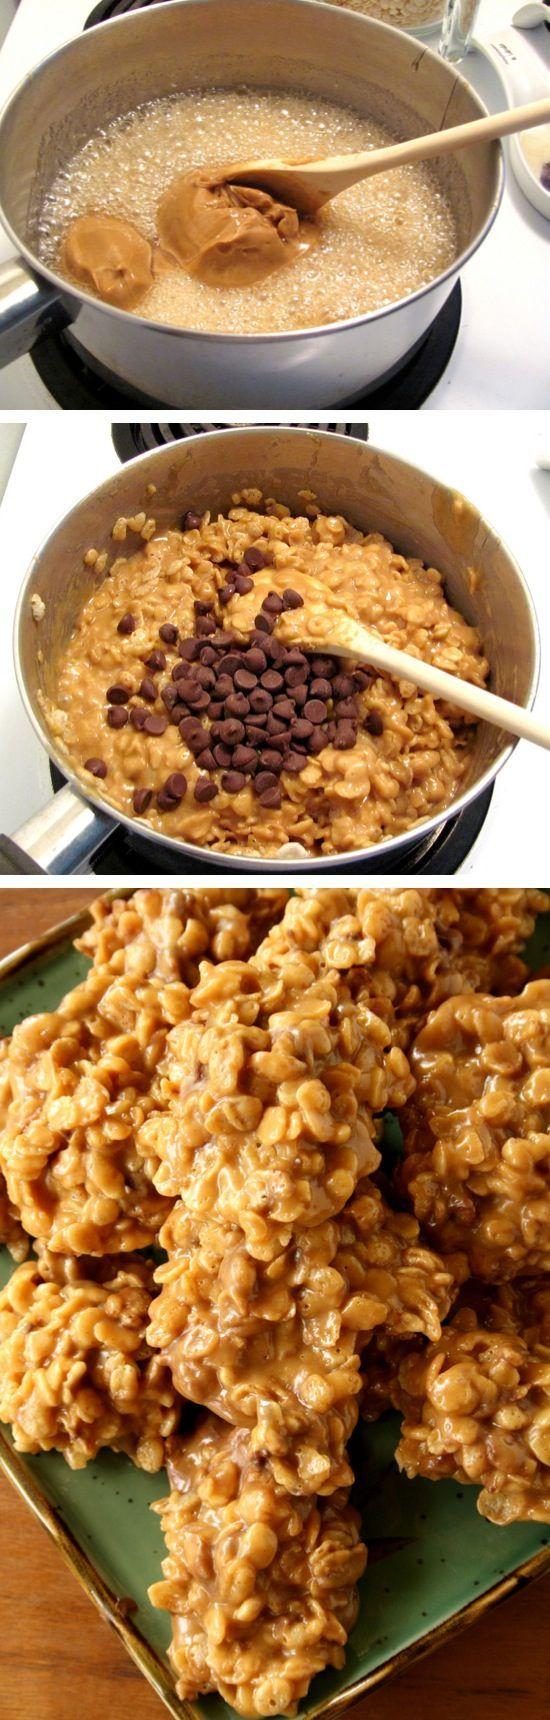 Stove Top Peanut Butter Cereal Cookies | Oooooooh!!!!